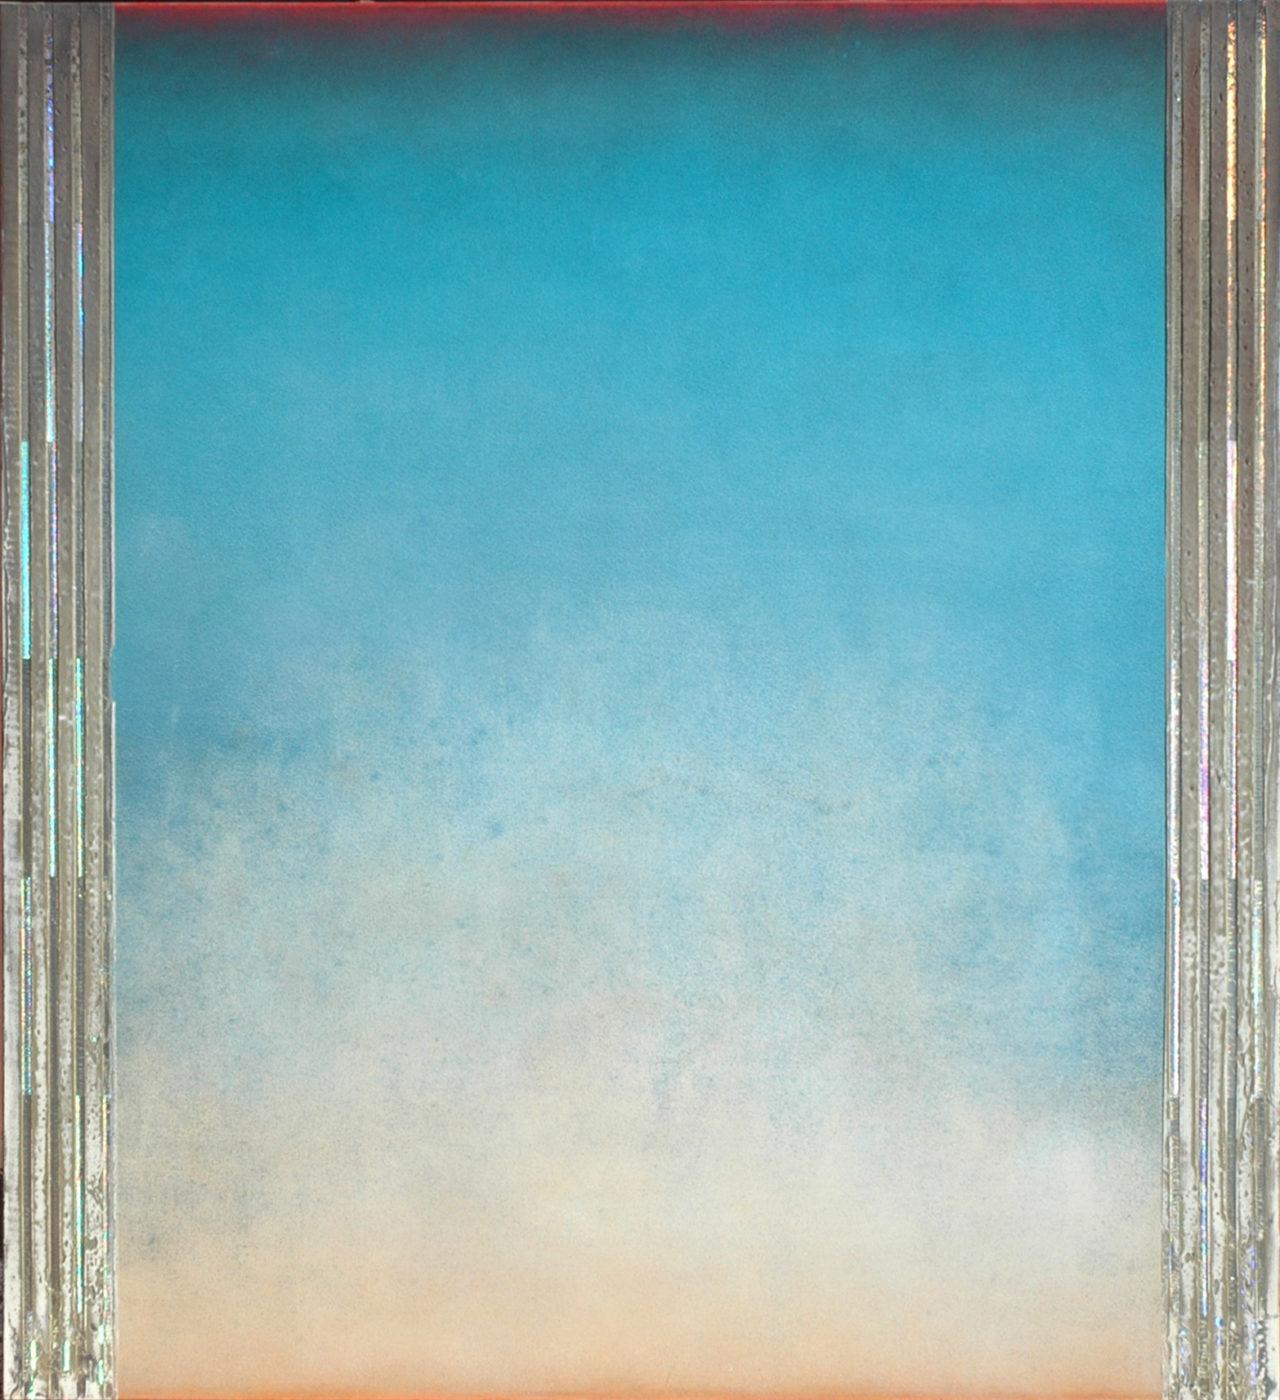 Tom Kirby Winterowd Fine Art Gallery Santa Fe